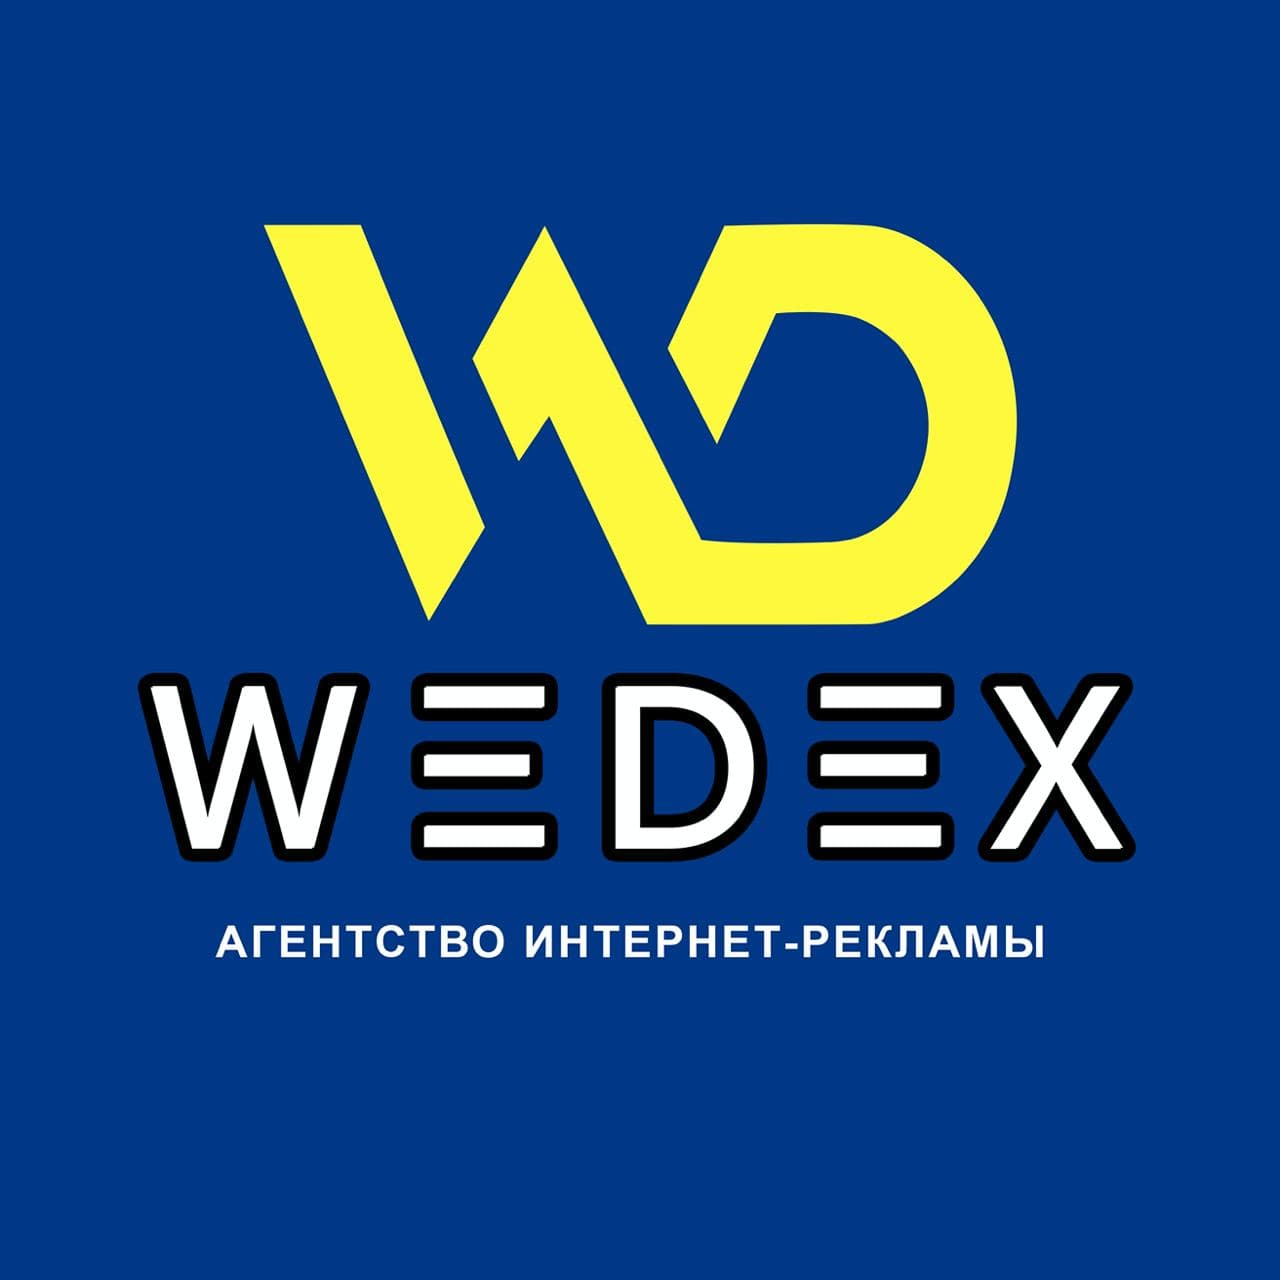 Wedex - Продвижение сайтов в ПС Google и Яндекс